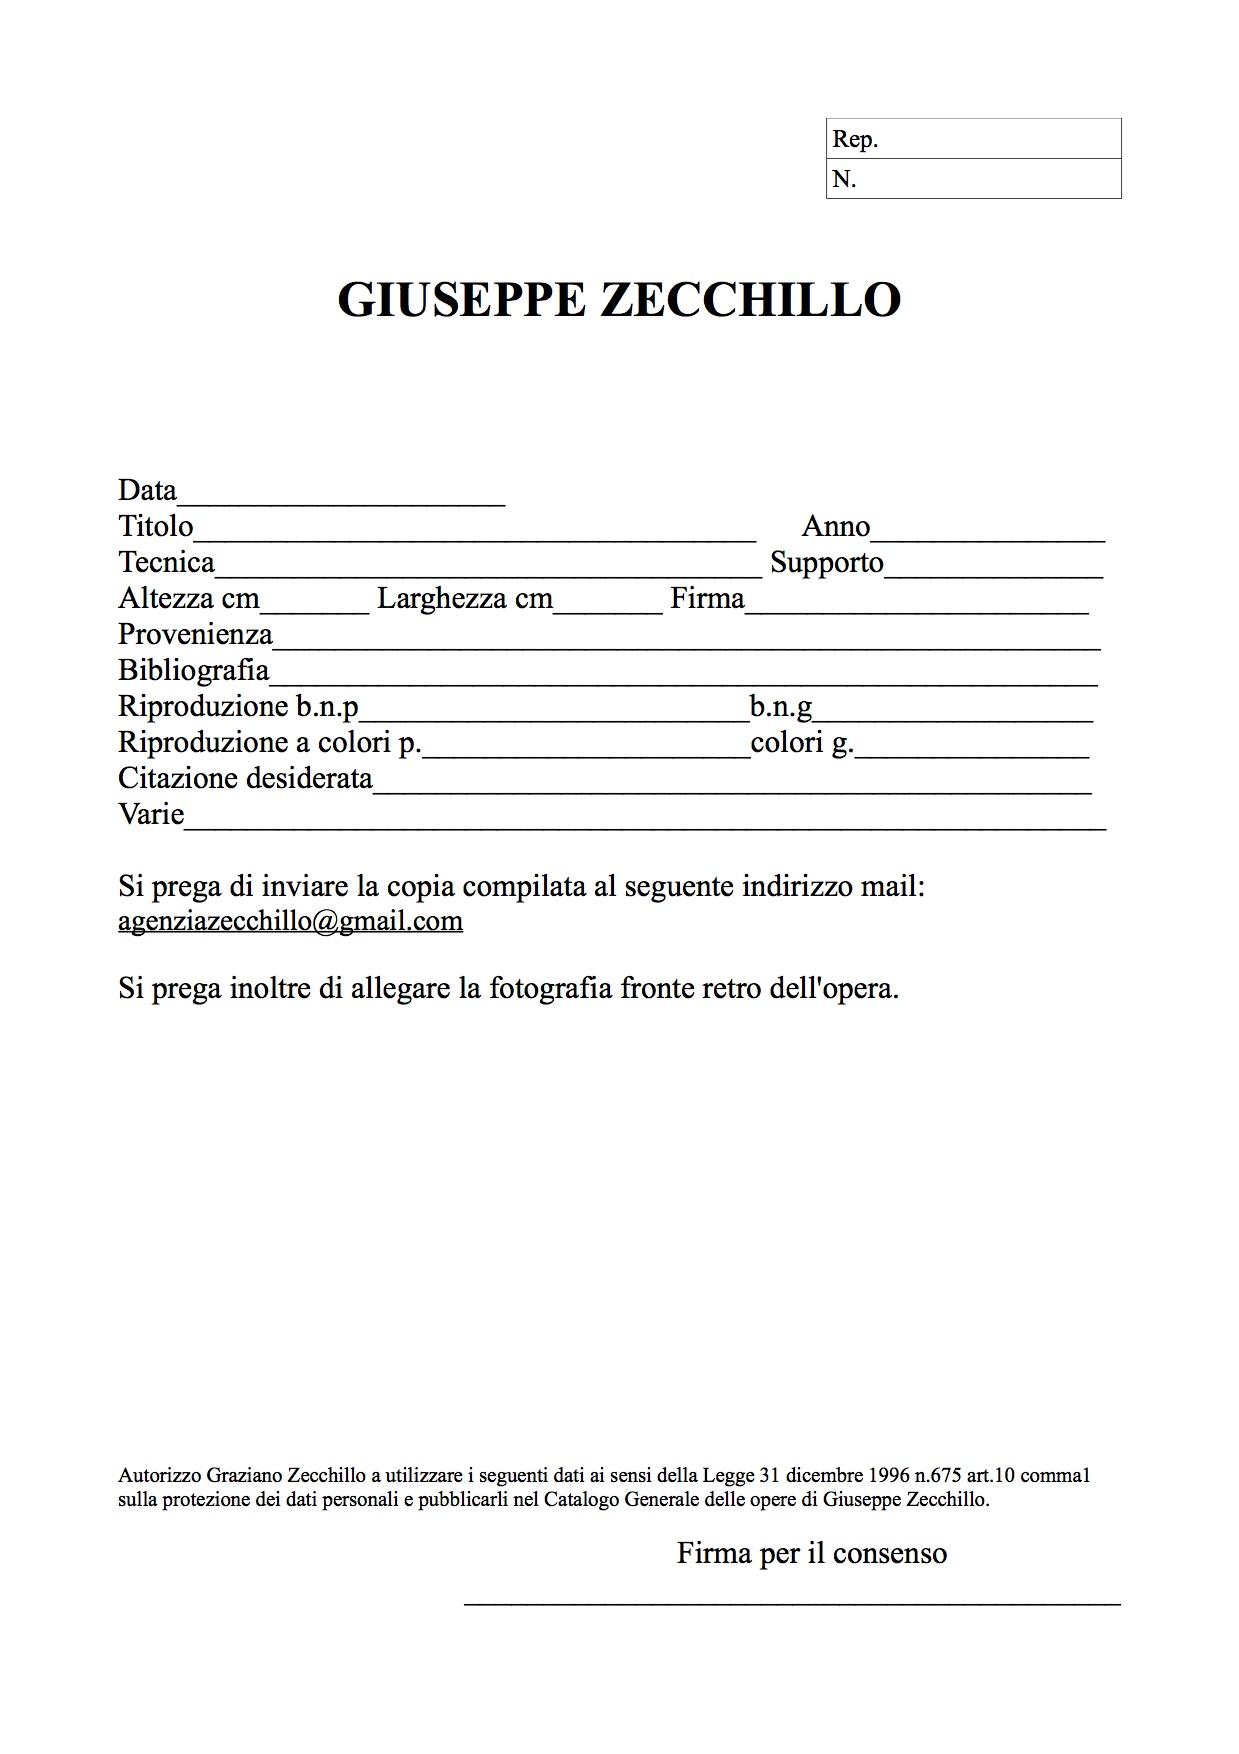 giusepzecc